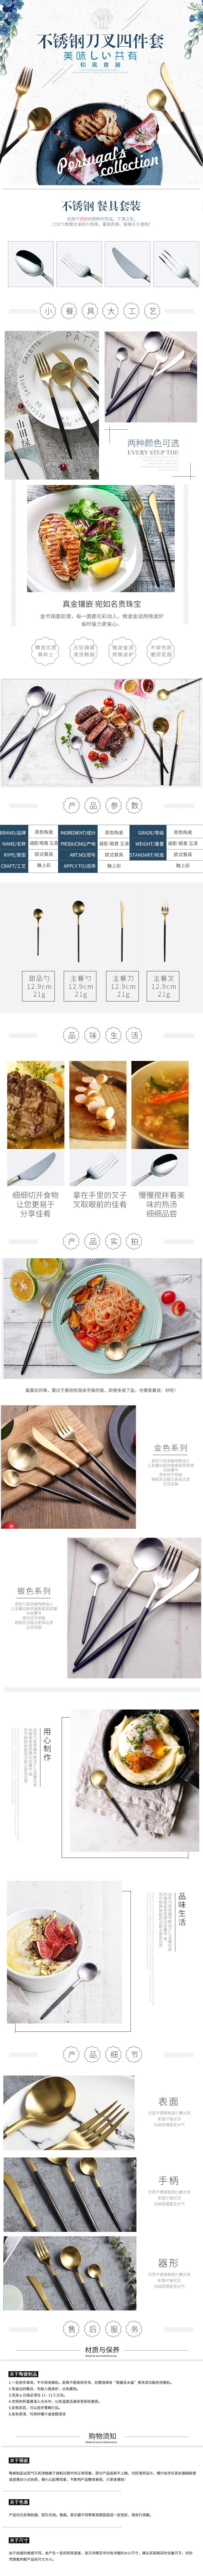 清新简约不锈钢餐具套装详情PSD模板